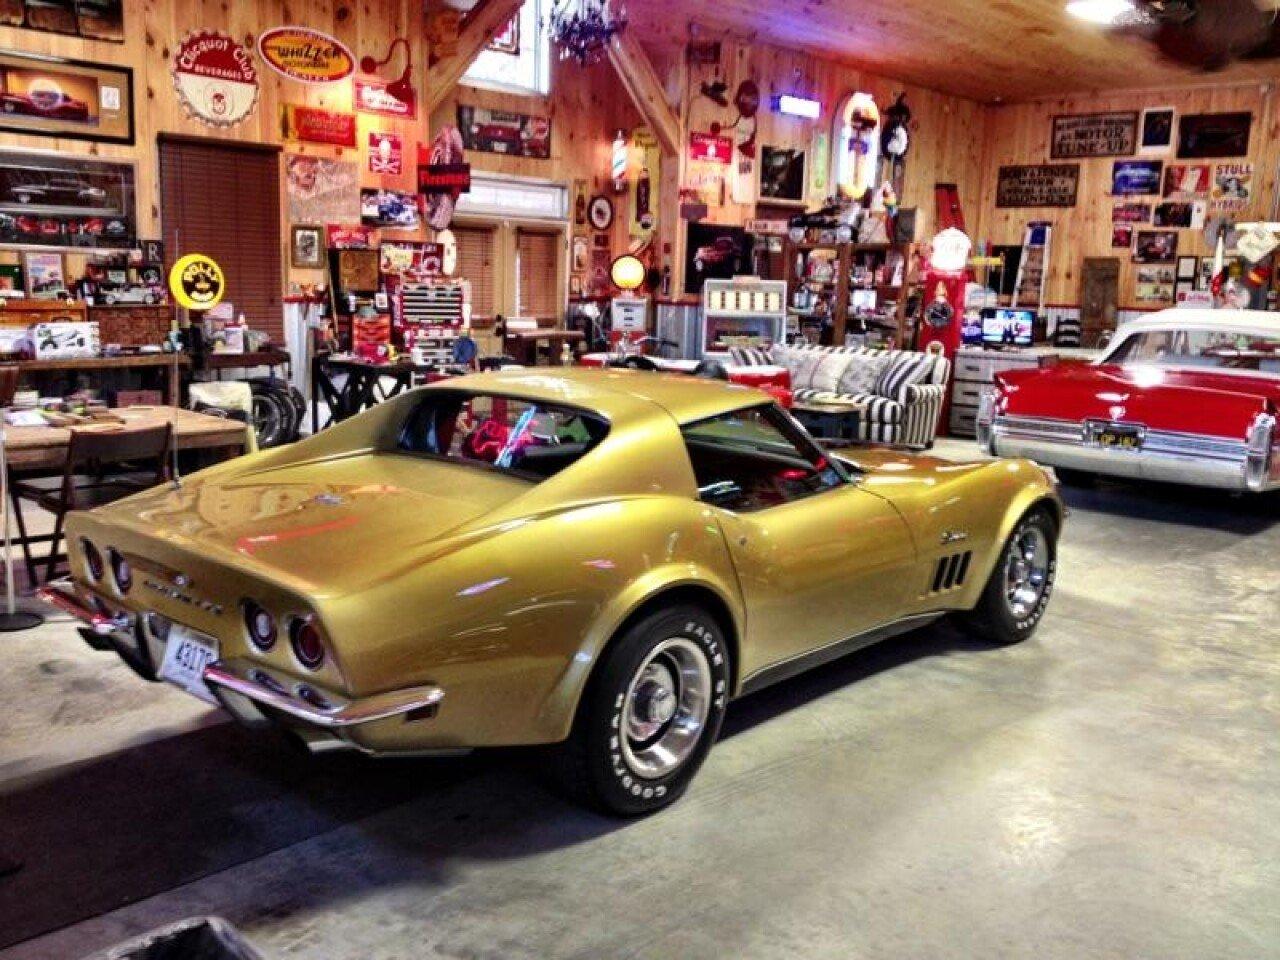 American Auto Sales Nc: 1969 Chevrolet Corvette For Sale Near Asheville, North